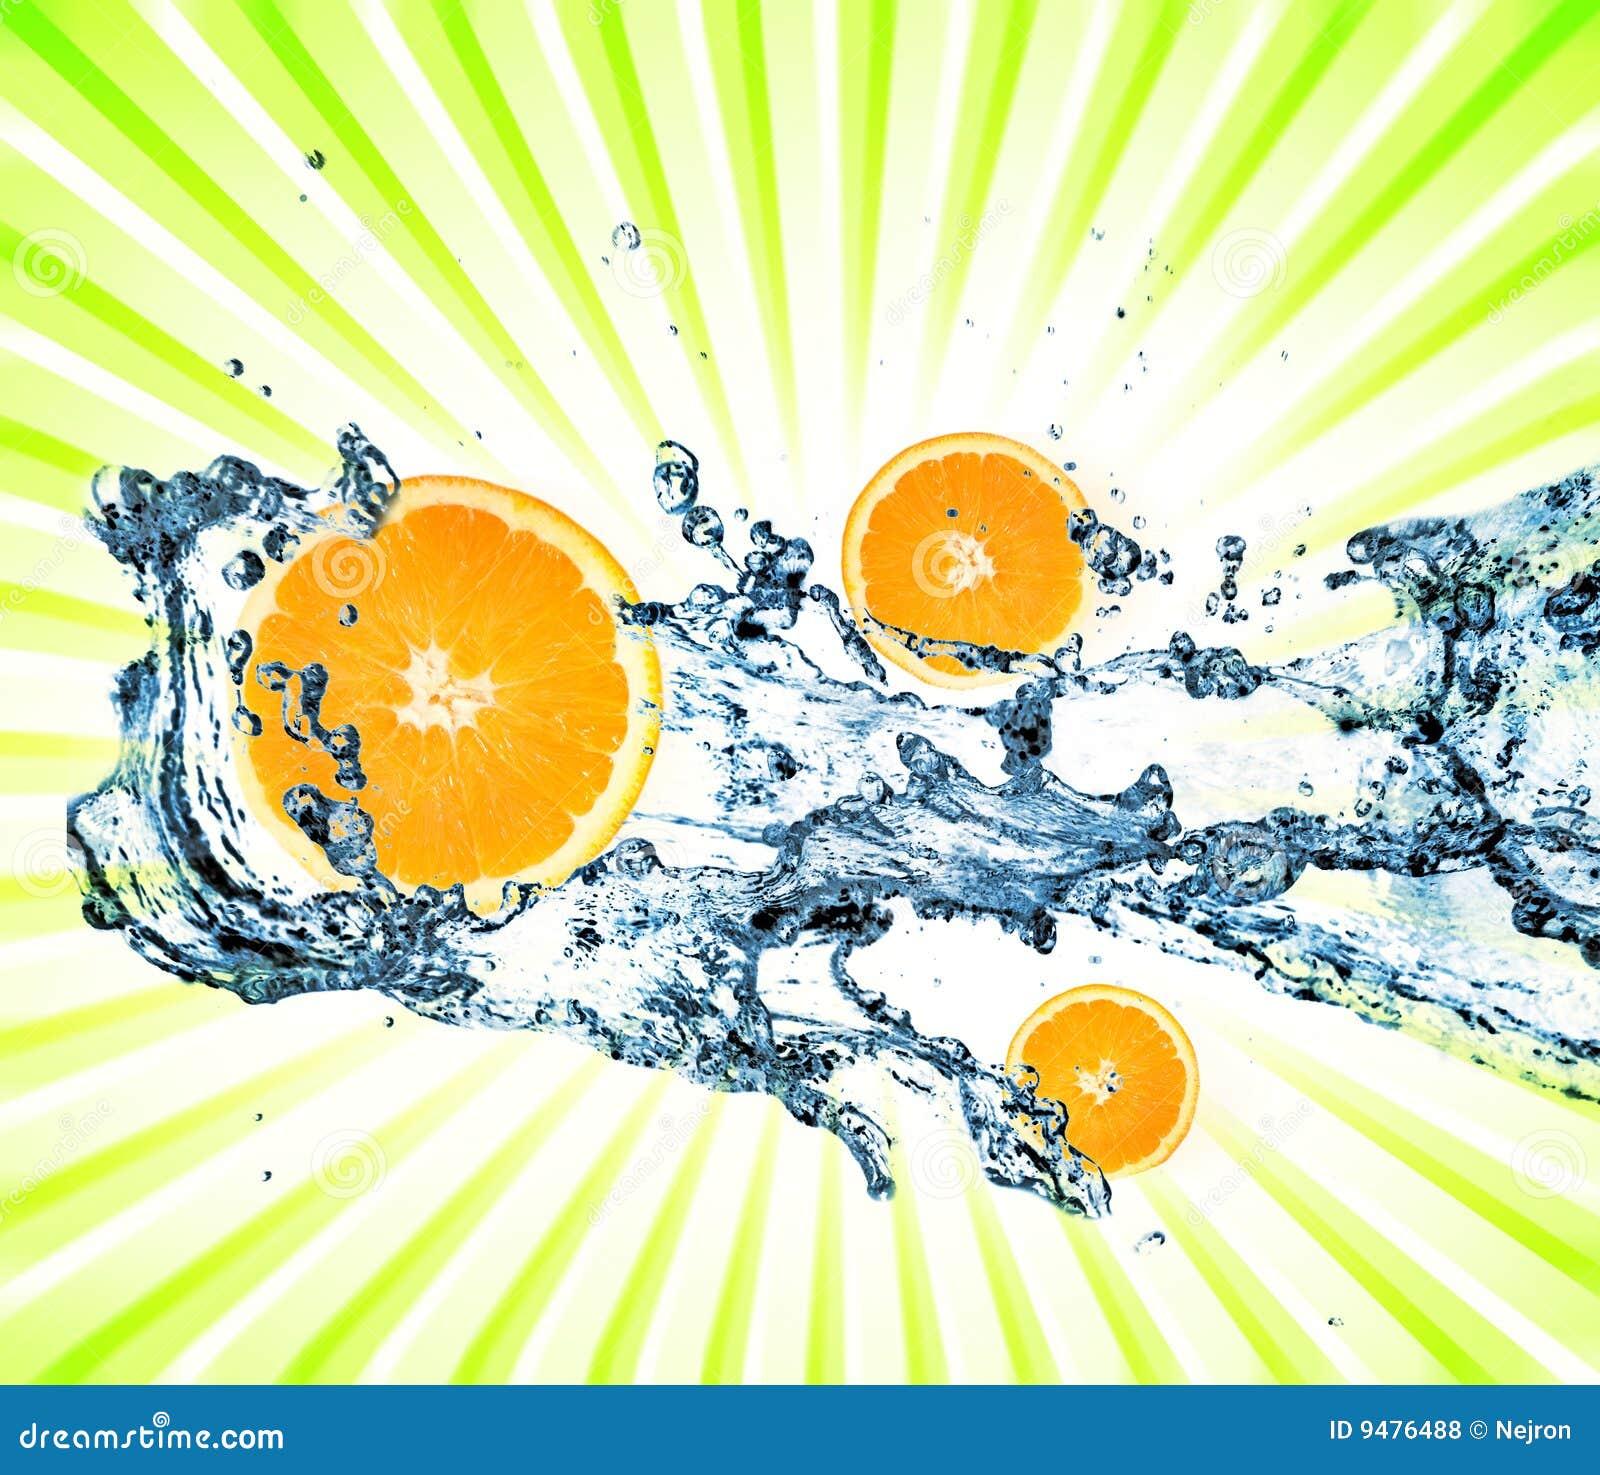 Splashing water with oranges